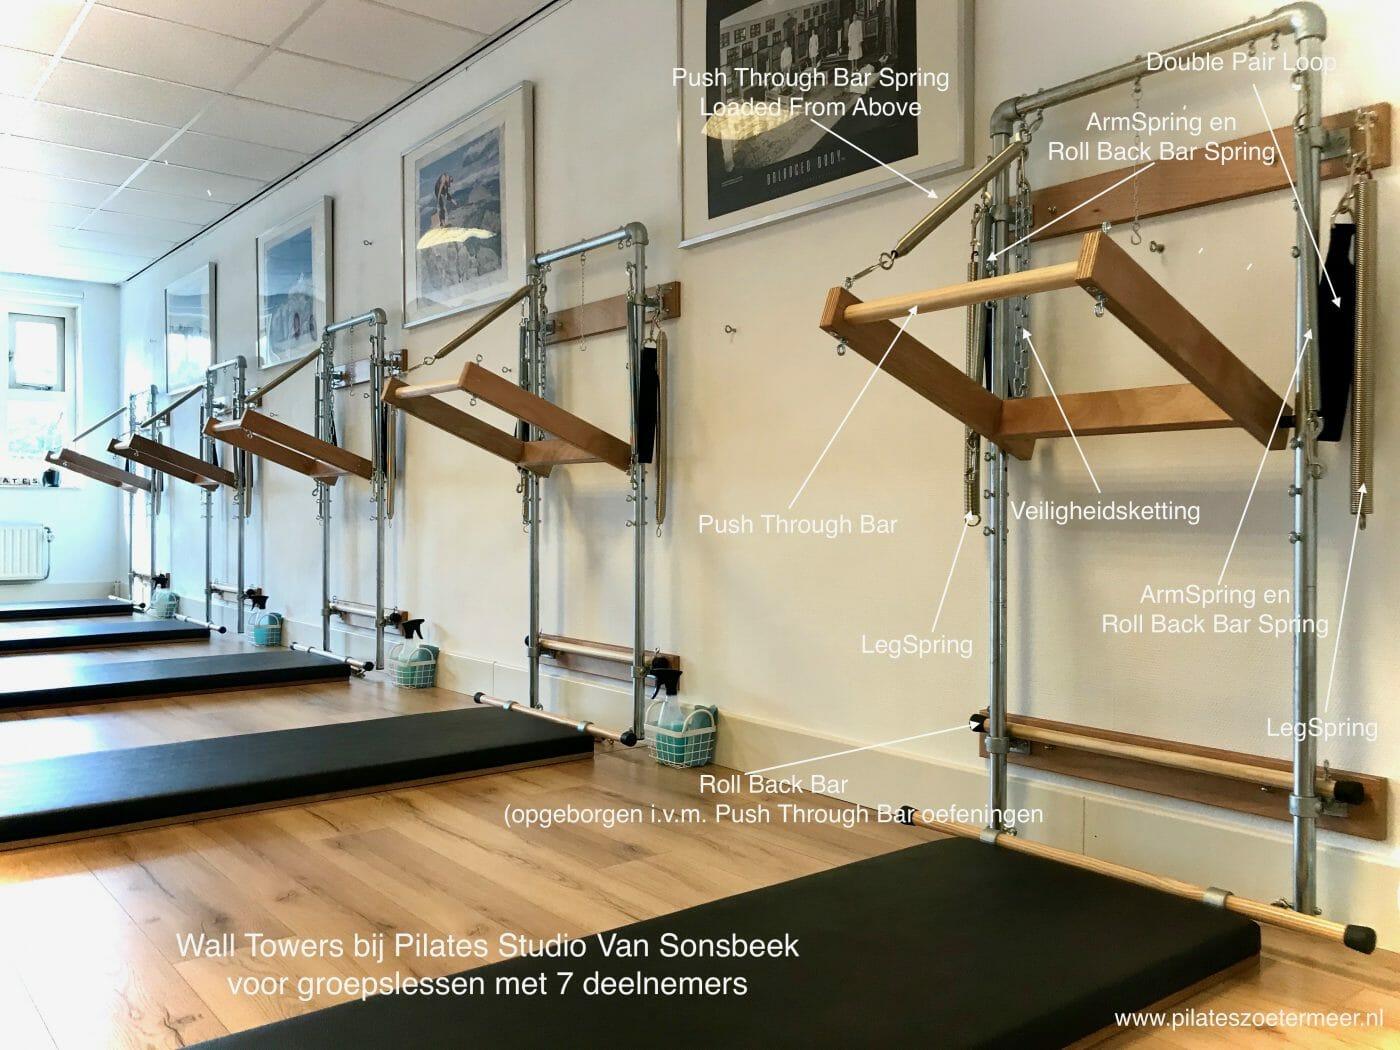 Groepslessen Wall Tower bij Pilates Studio Van Sonsbeek